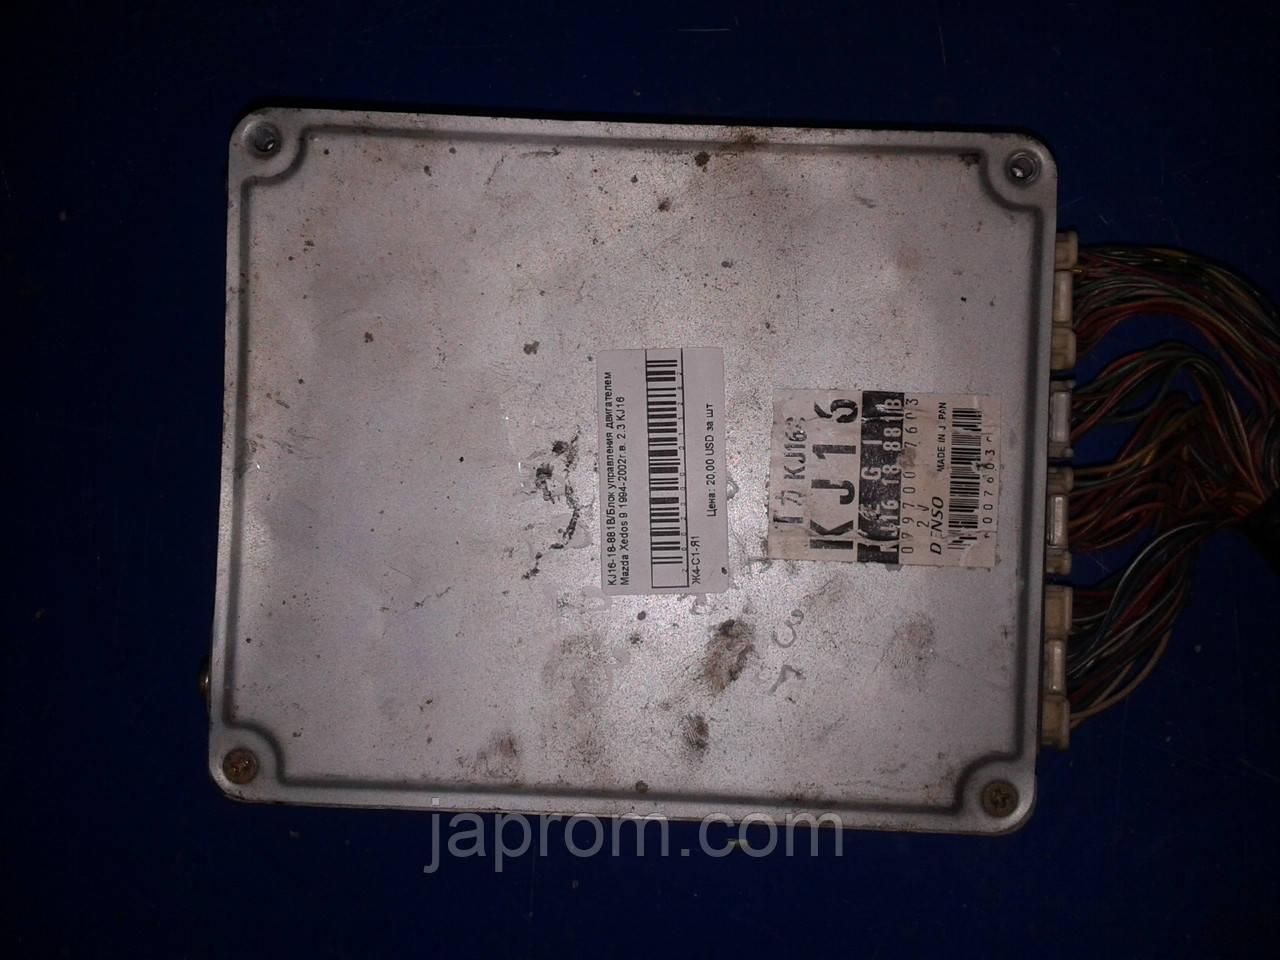 Блок управления двигателем Mazda Xedos 9 1994-2002г.в. 2.3 KJ16